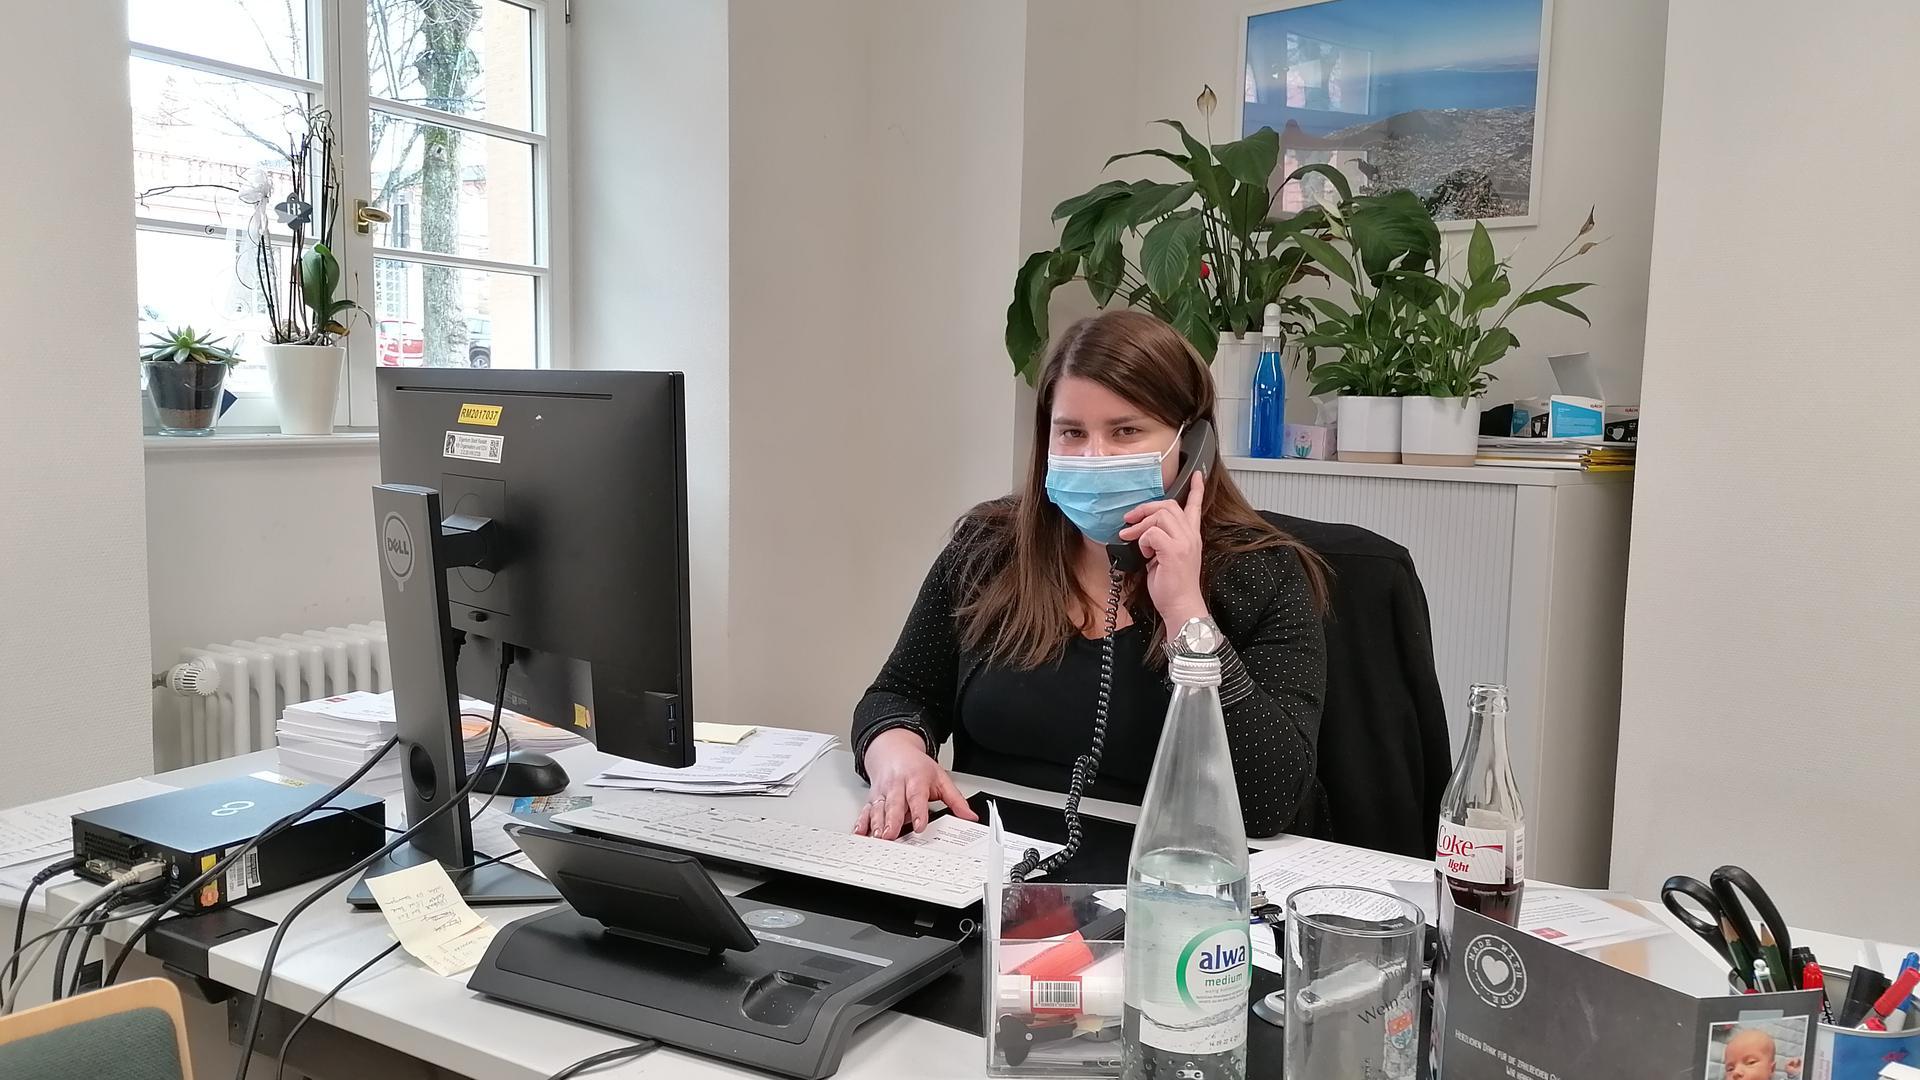 Sarah Schereda von der Seniorenhilfe Rastatt sitzt in ihrem Büro am Schreibtisch und telefoniert.